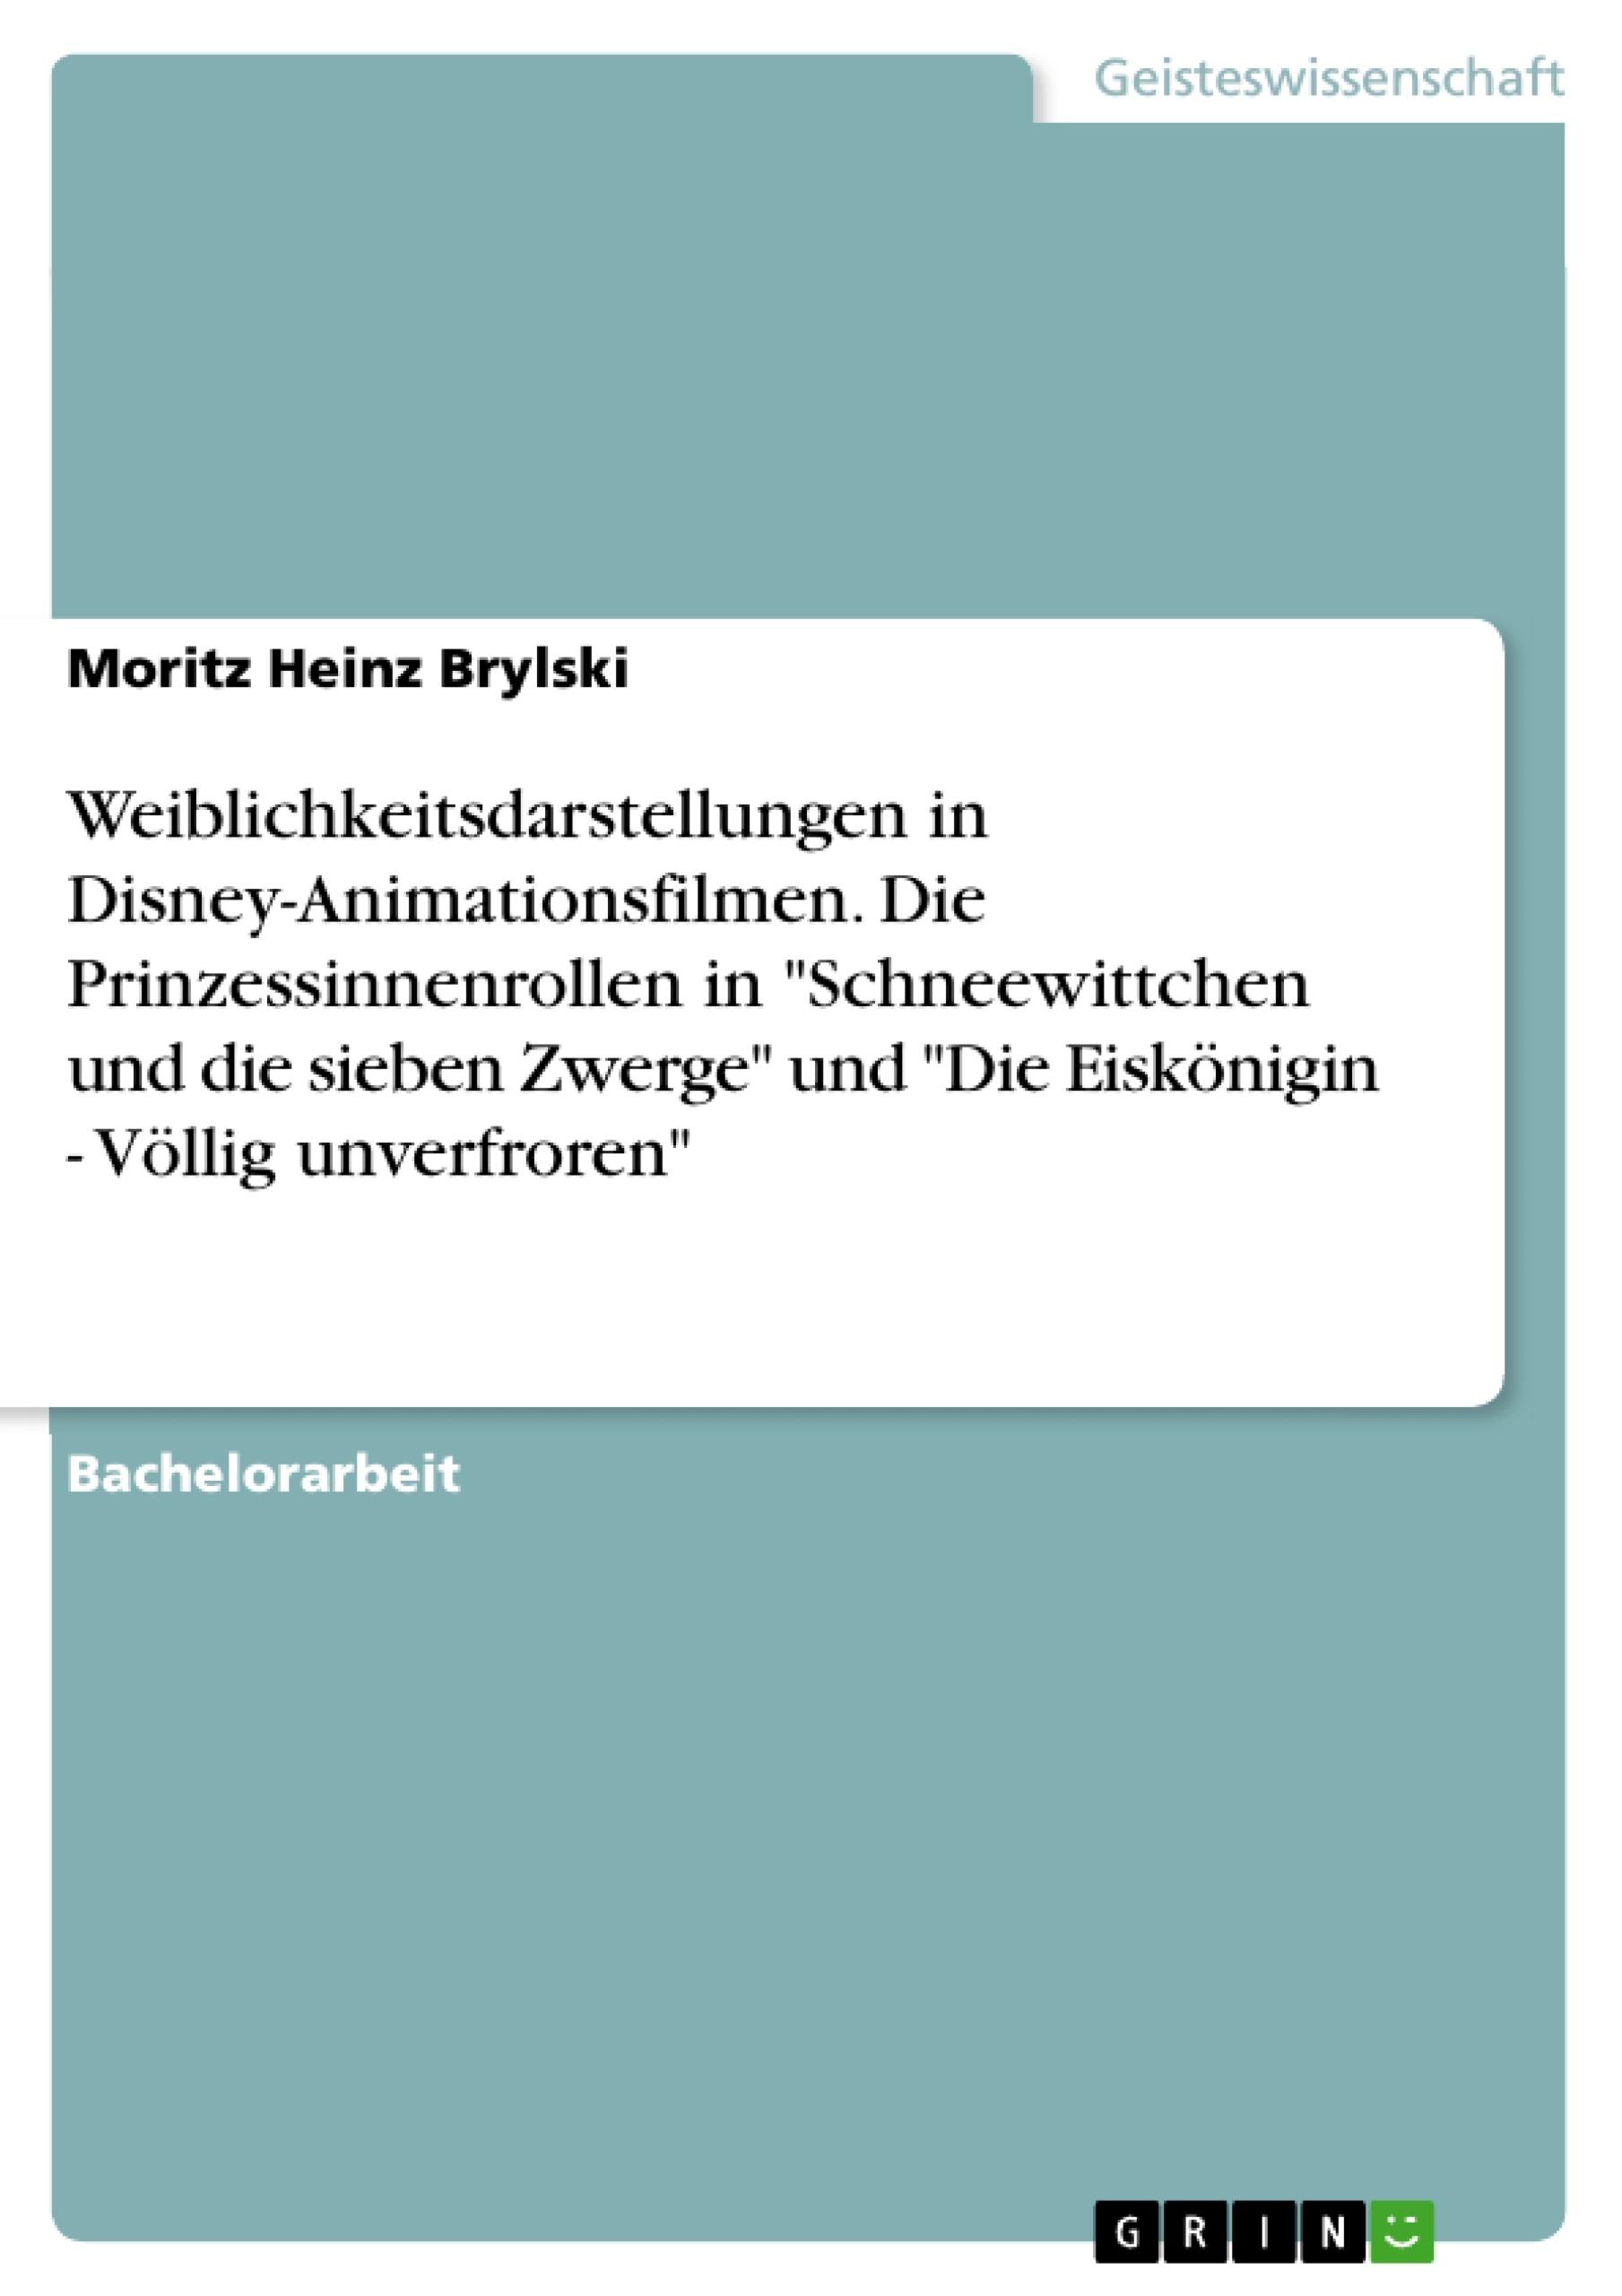 """Titel: Weiblichkeitsdarstellungen in Disney-Animationsfilmen. Die Prinzessinnenrollen in """"Schneewittchen und die sieben Zwerge"""" und """"Die Eiskönigin - Völlig unverfroren"""""""